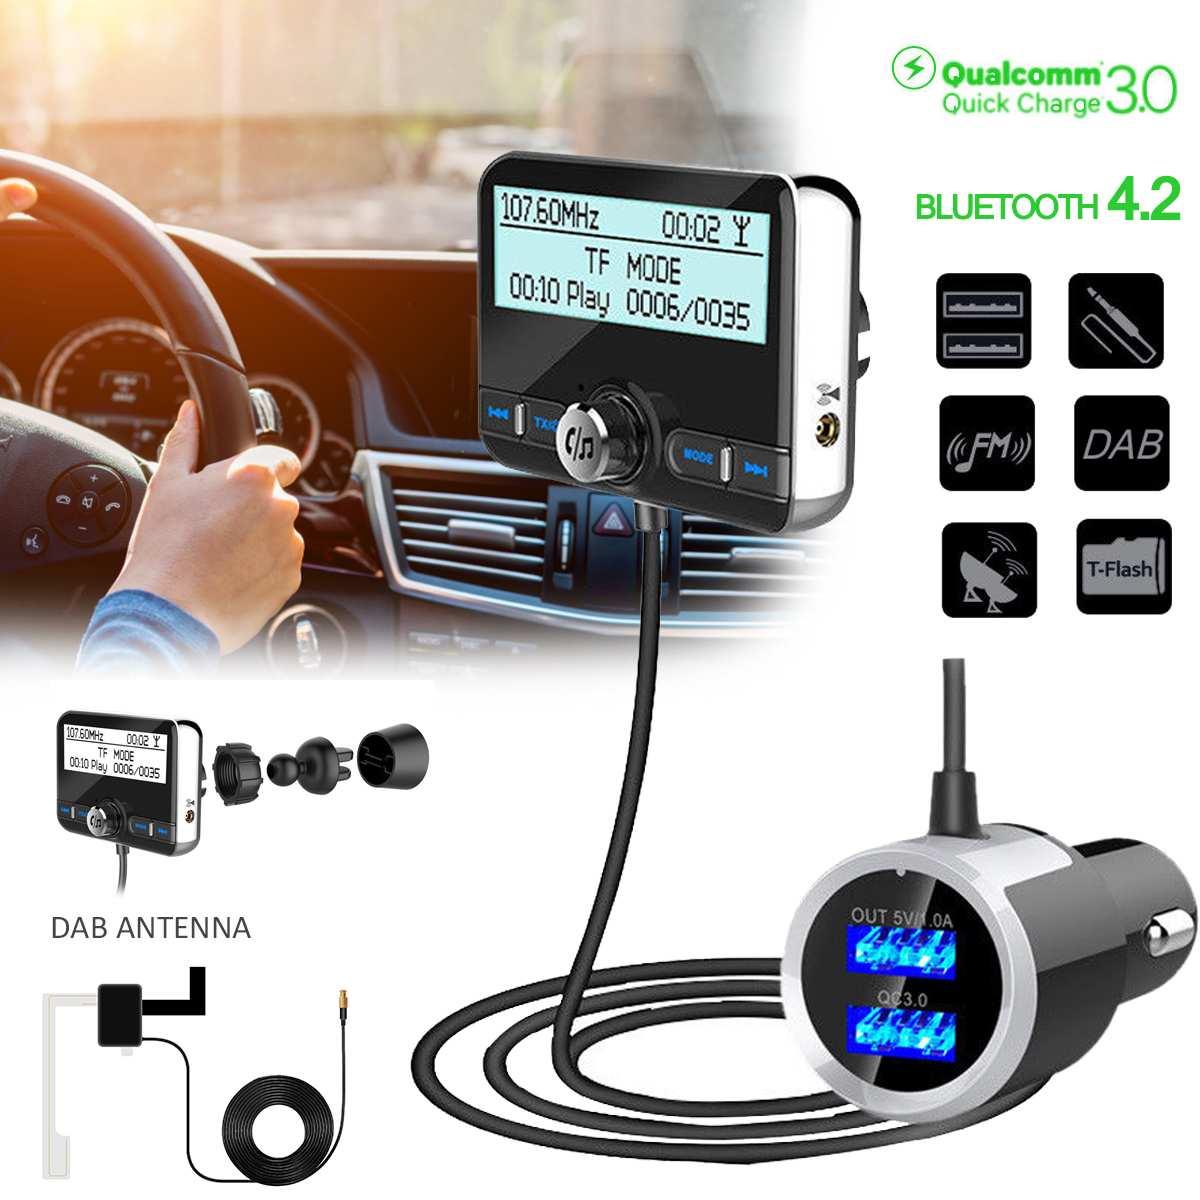 Récepteur Radio de voiture DAB Tuner USB adaptateur bluetooth émetteur de voiture TF/AUX antenne LCD affichage Radio numérique mains libres appelant